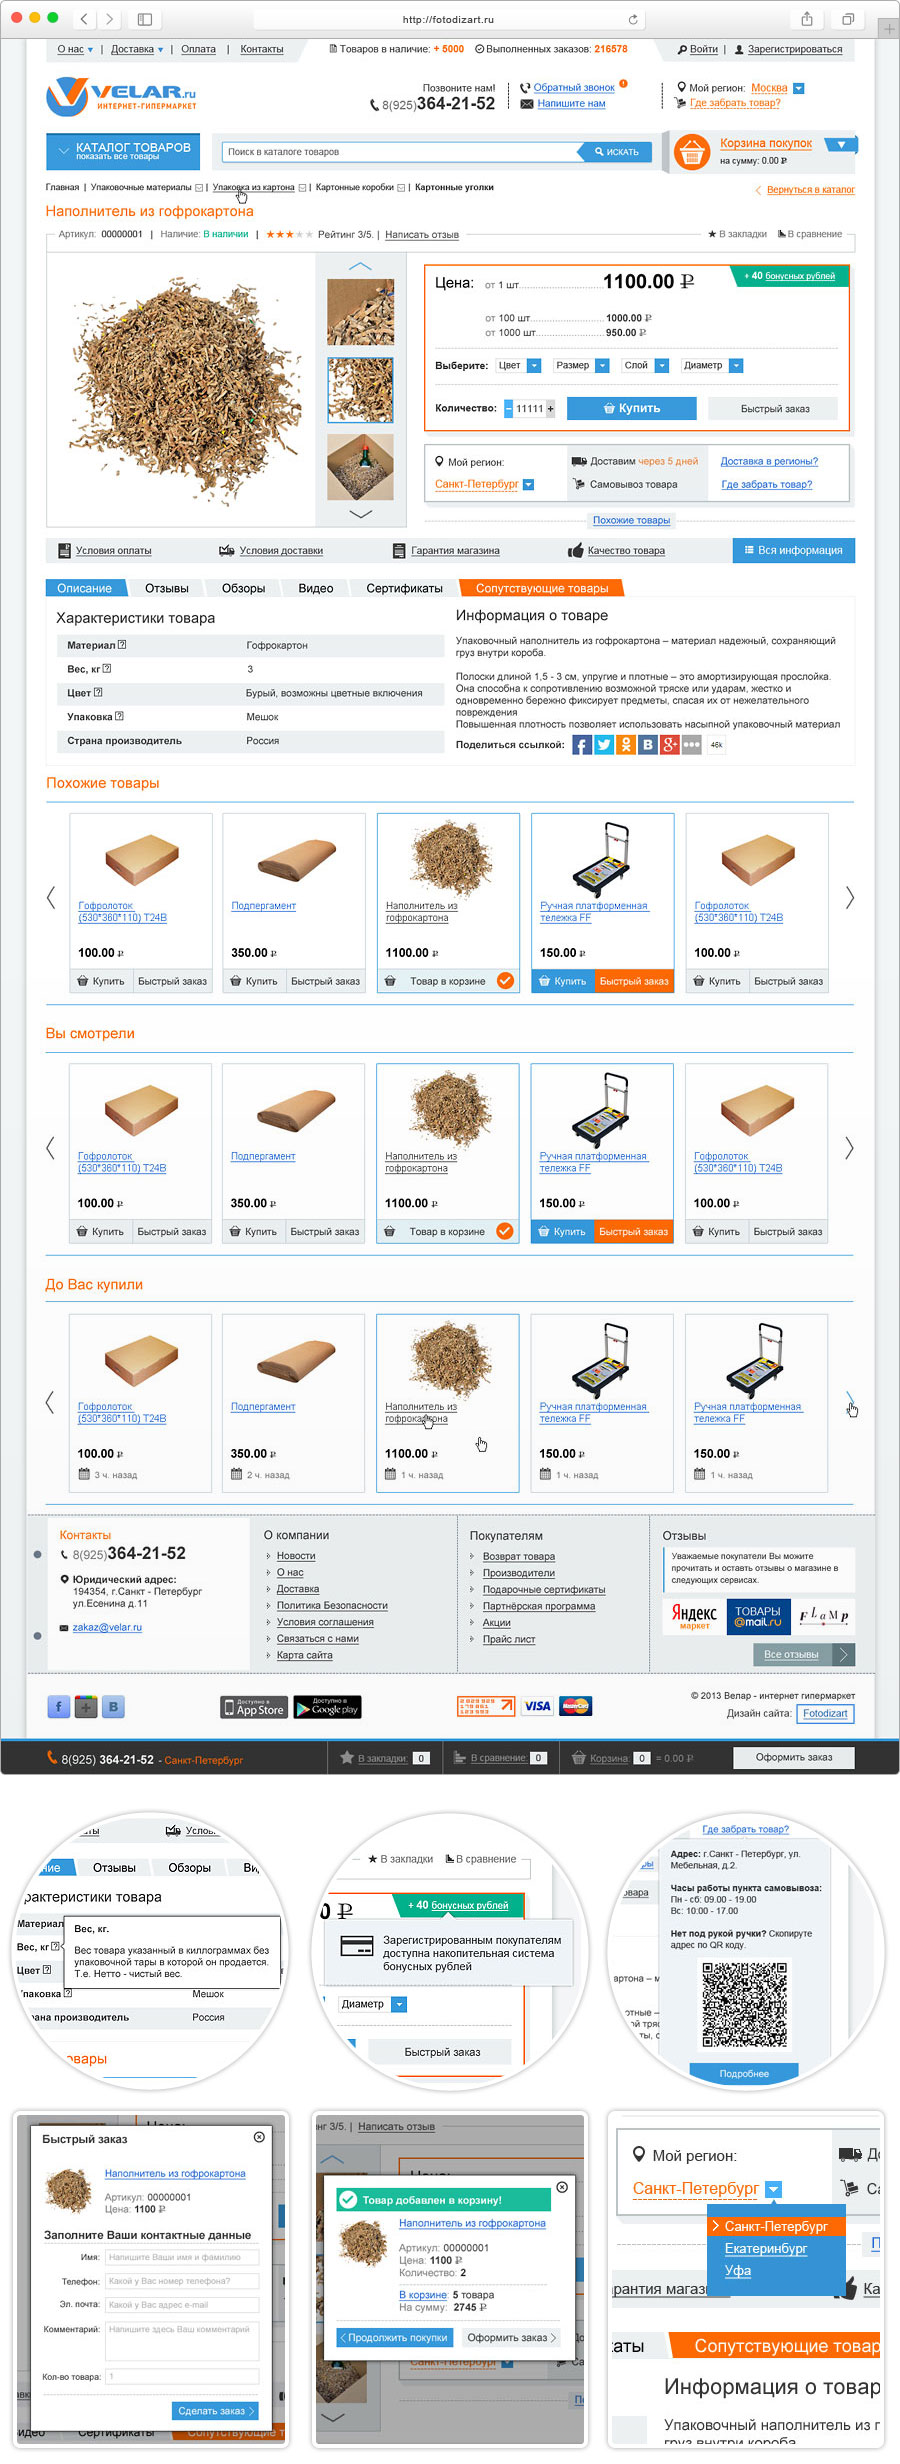 дизайн интернет-магазина карточка товаров